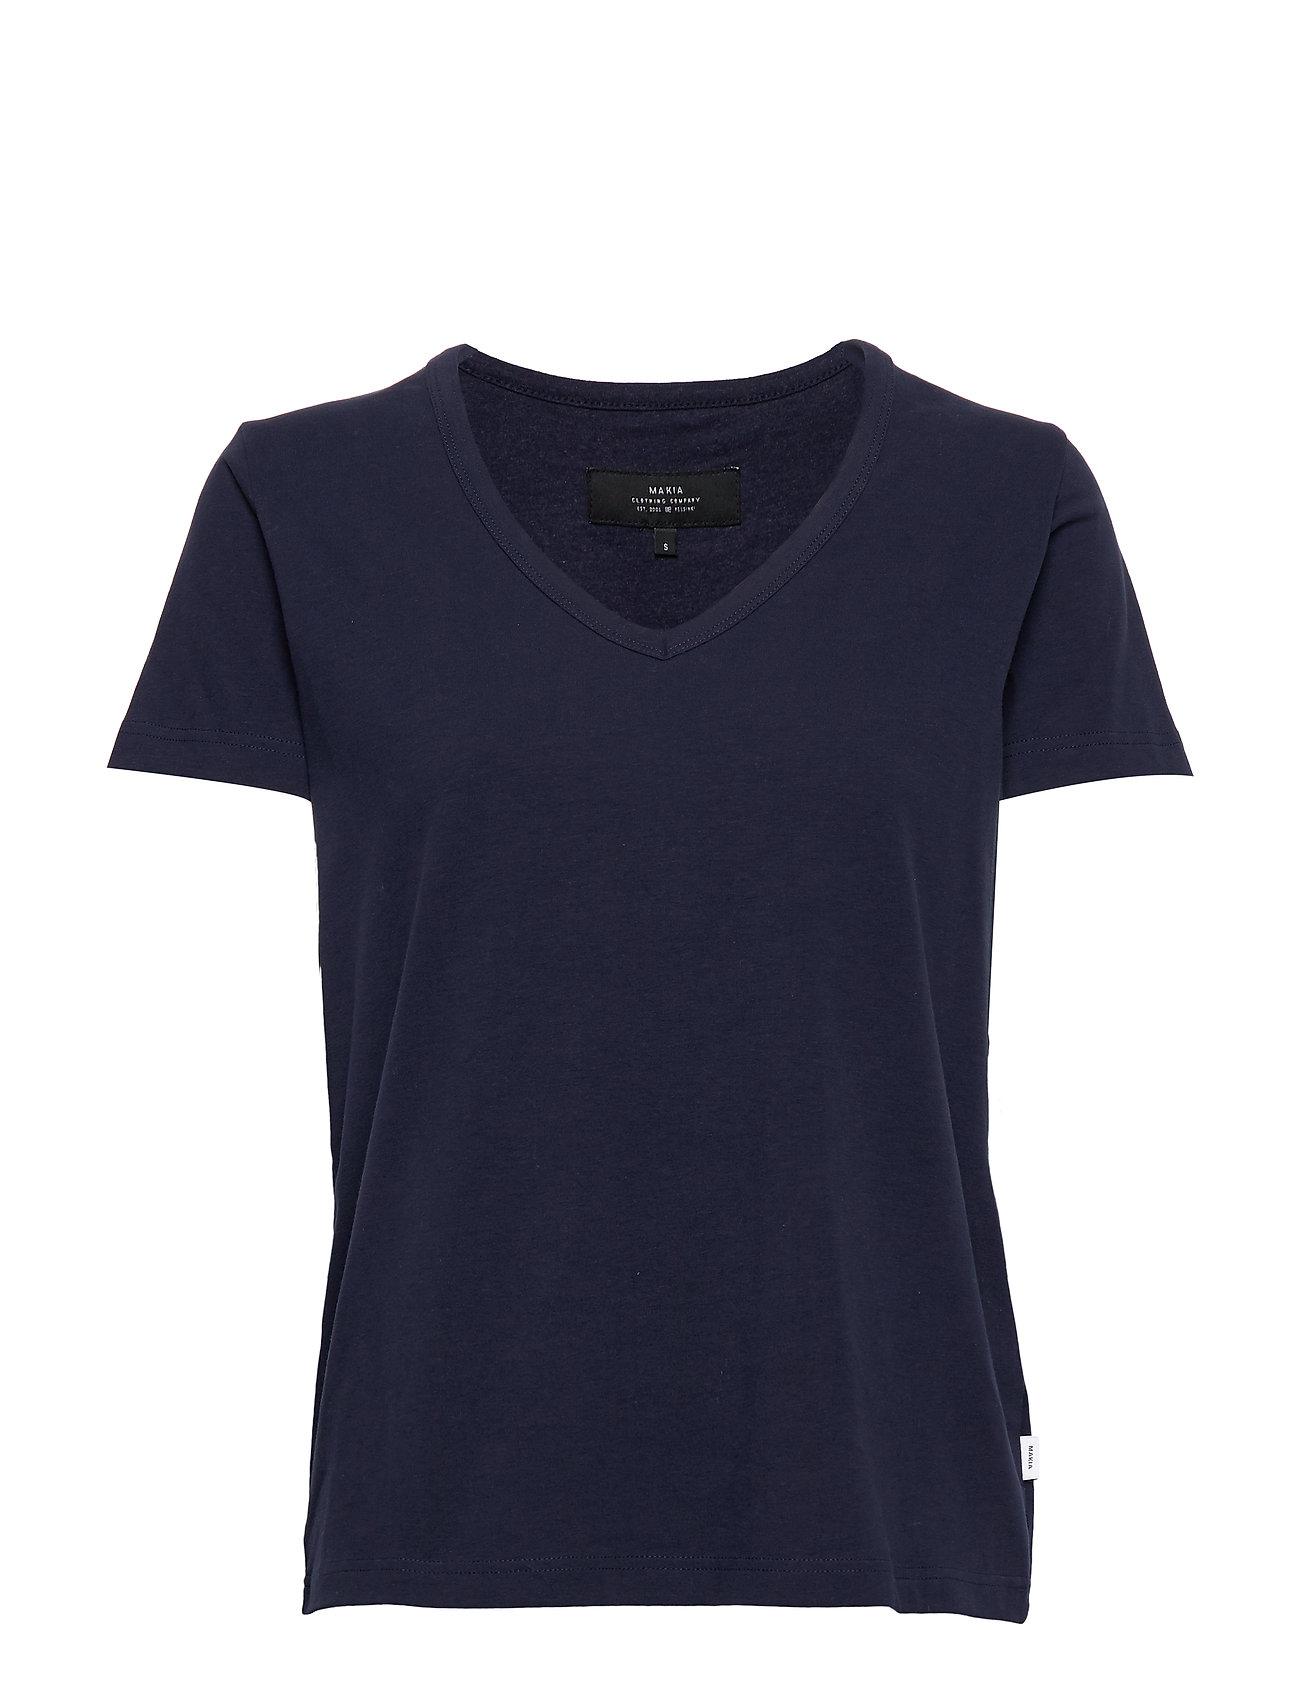 Makia Coast T-Shirt - DARK NAVY